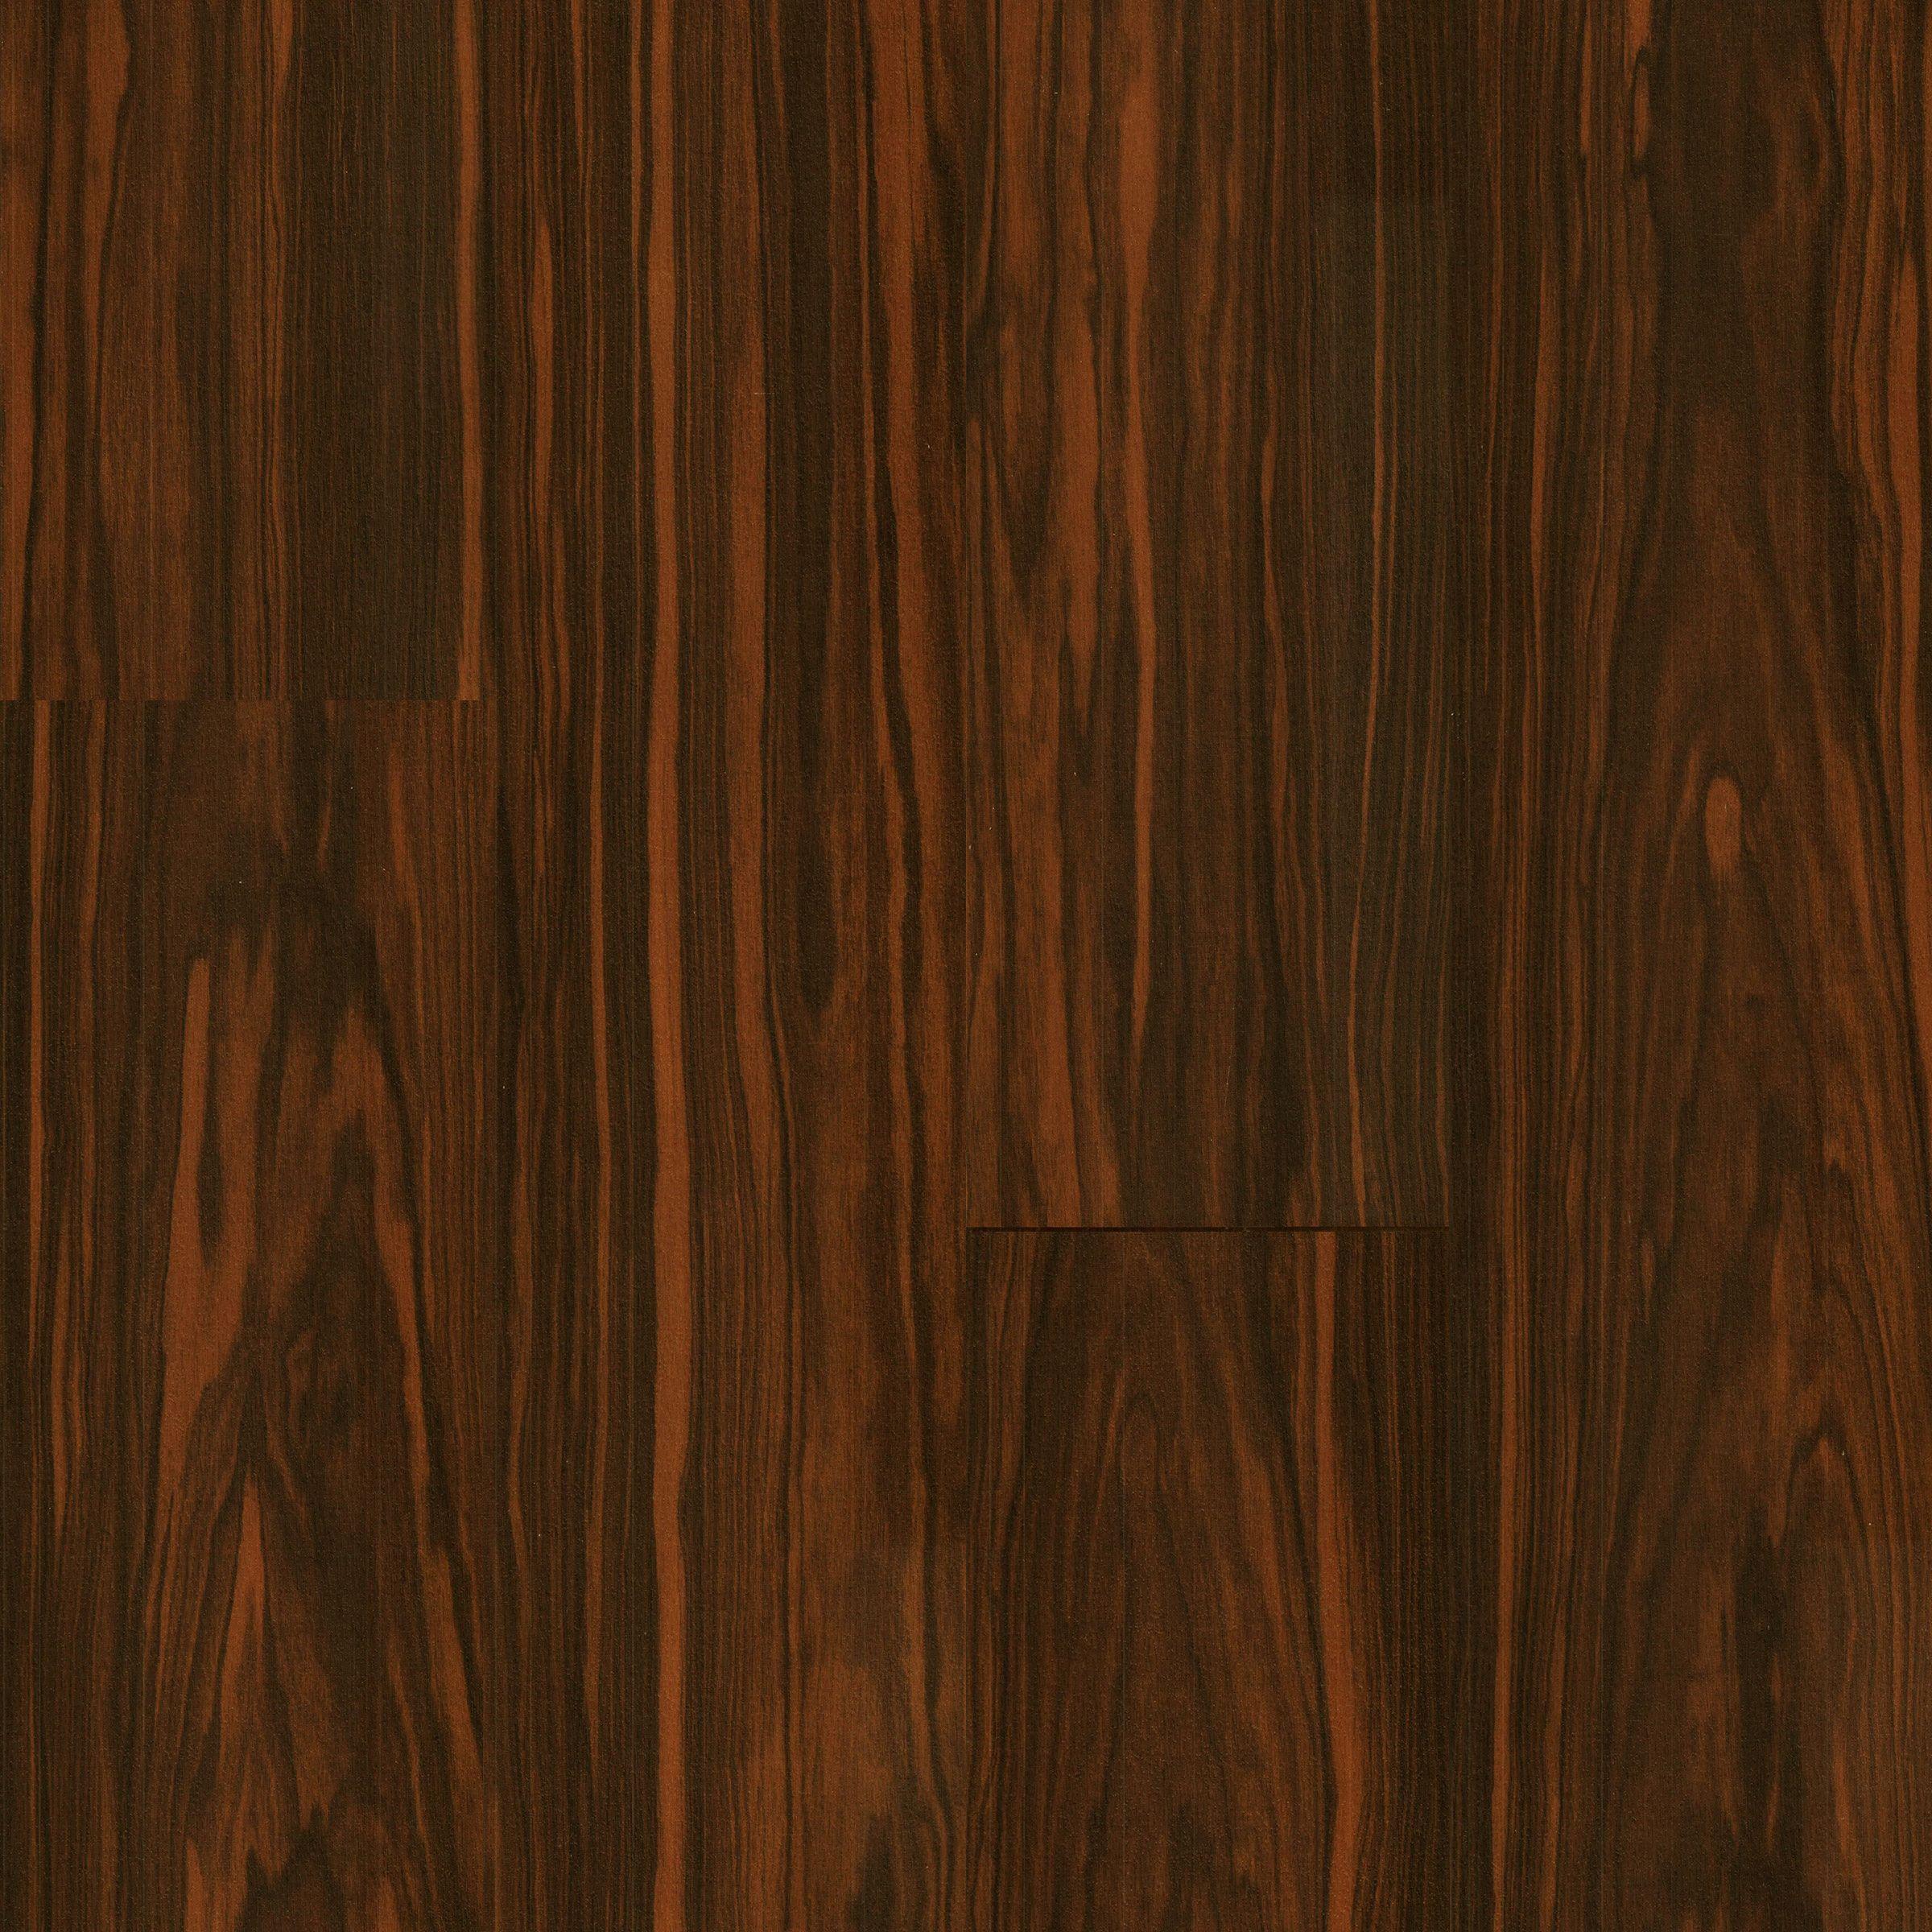 Freefit Lvt Tigerwood Loose Lay Luxury Vinyl Plank Vinyl Flooring